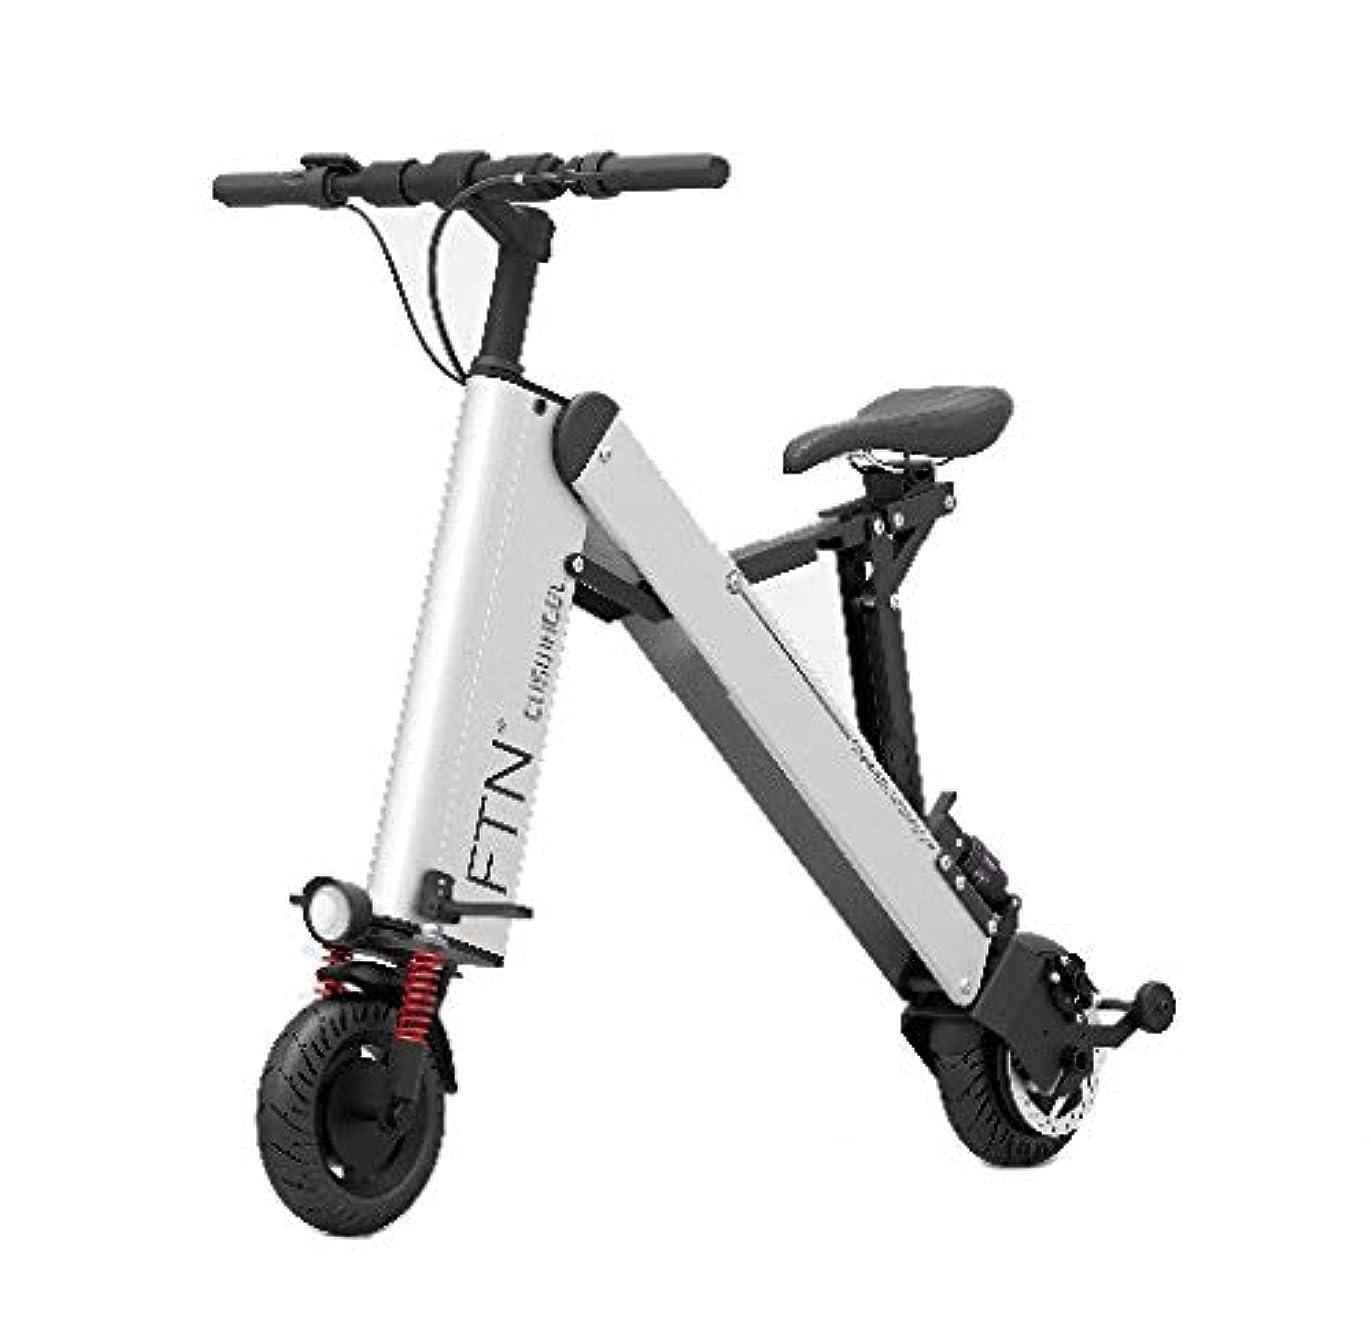 意味する膨張する無8インチ40キロ36V 10AH折りたたみ式電動スクーターポータブル電動スクーターの大人の電動自転車